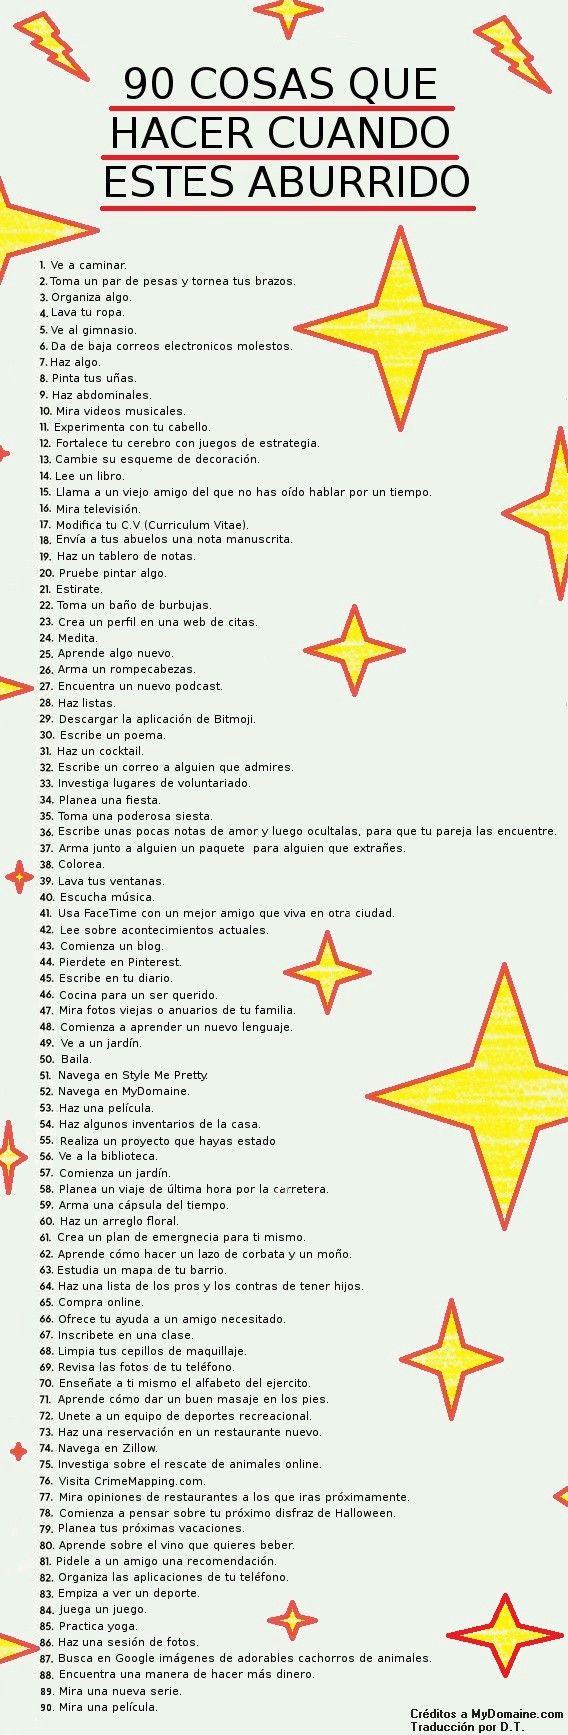 90 cosas que hacer cuando estas aburrido (es español)